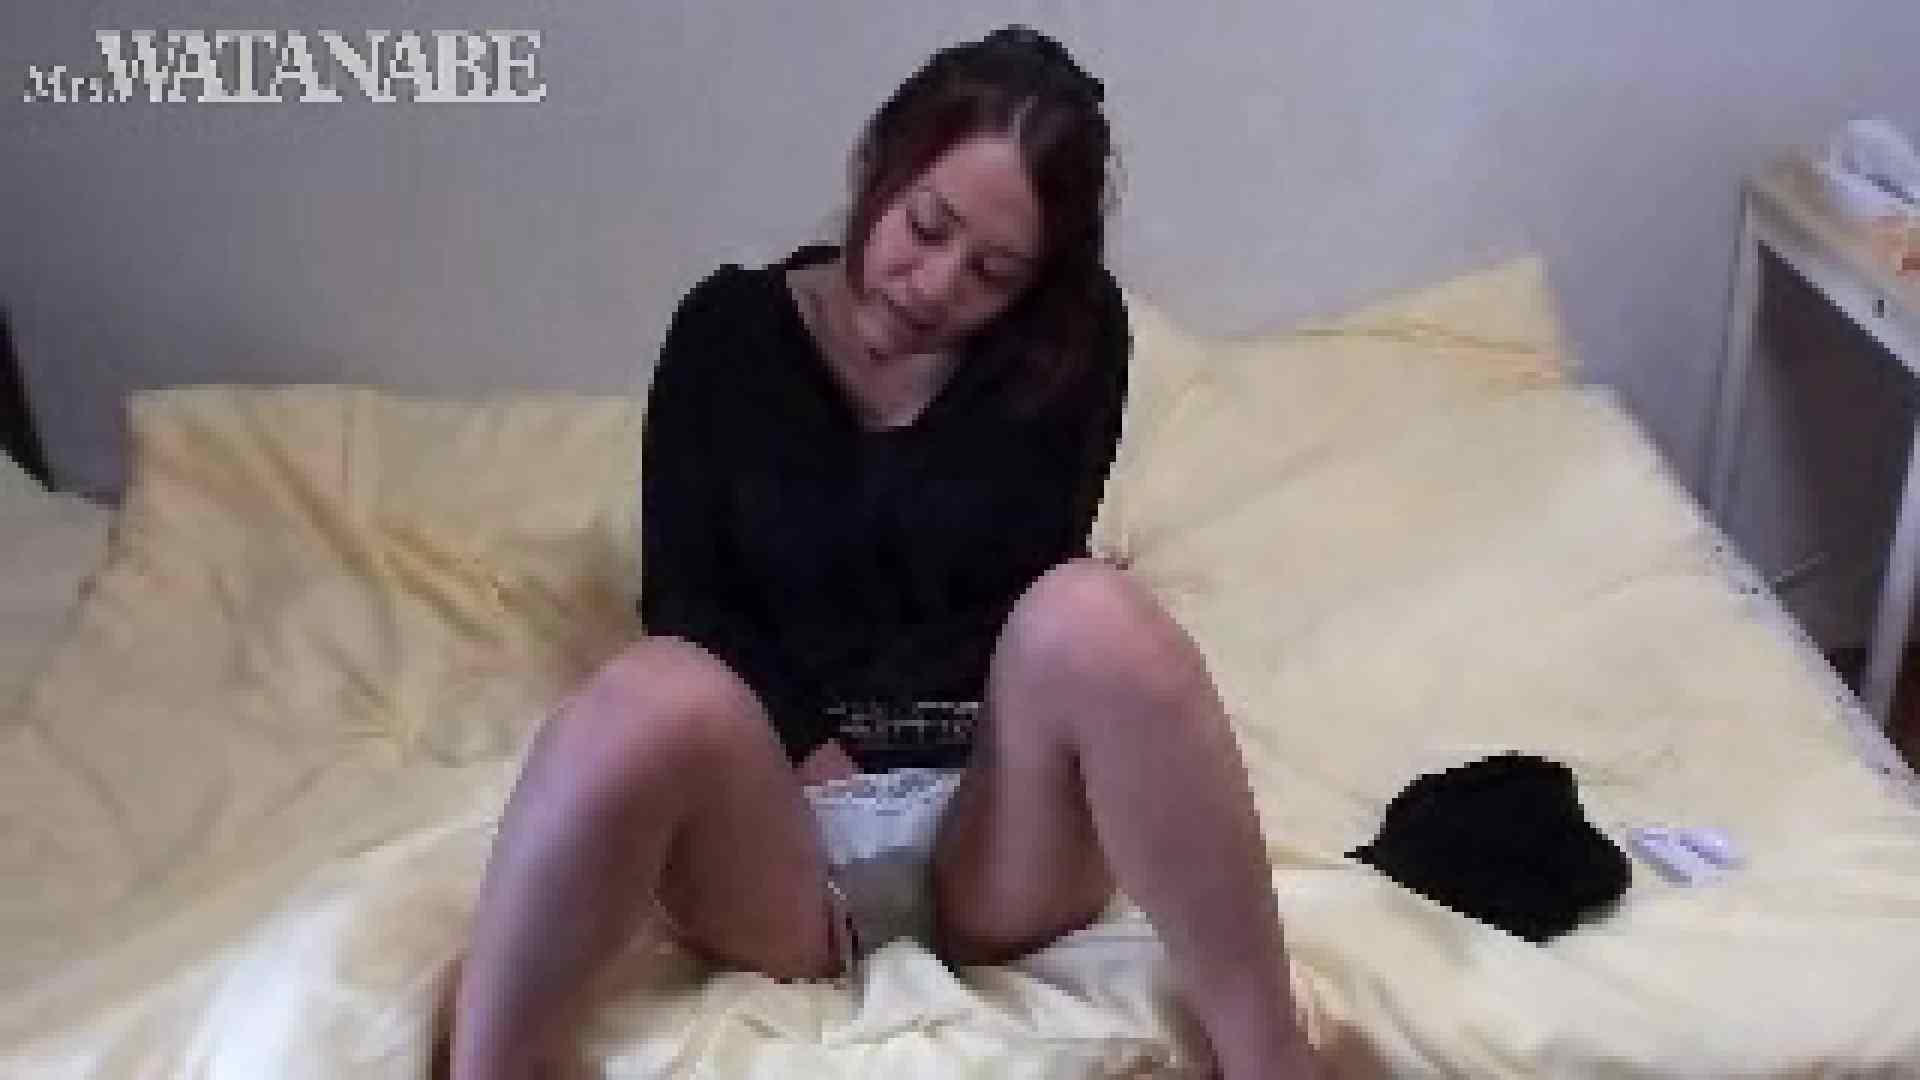 SNSで出会った人妻をハメ撮りしちゃいます 2回目 前編 人妻達のヌード | オナニー特集  65連発 53